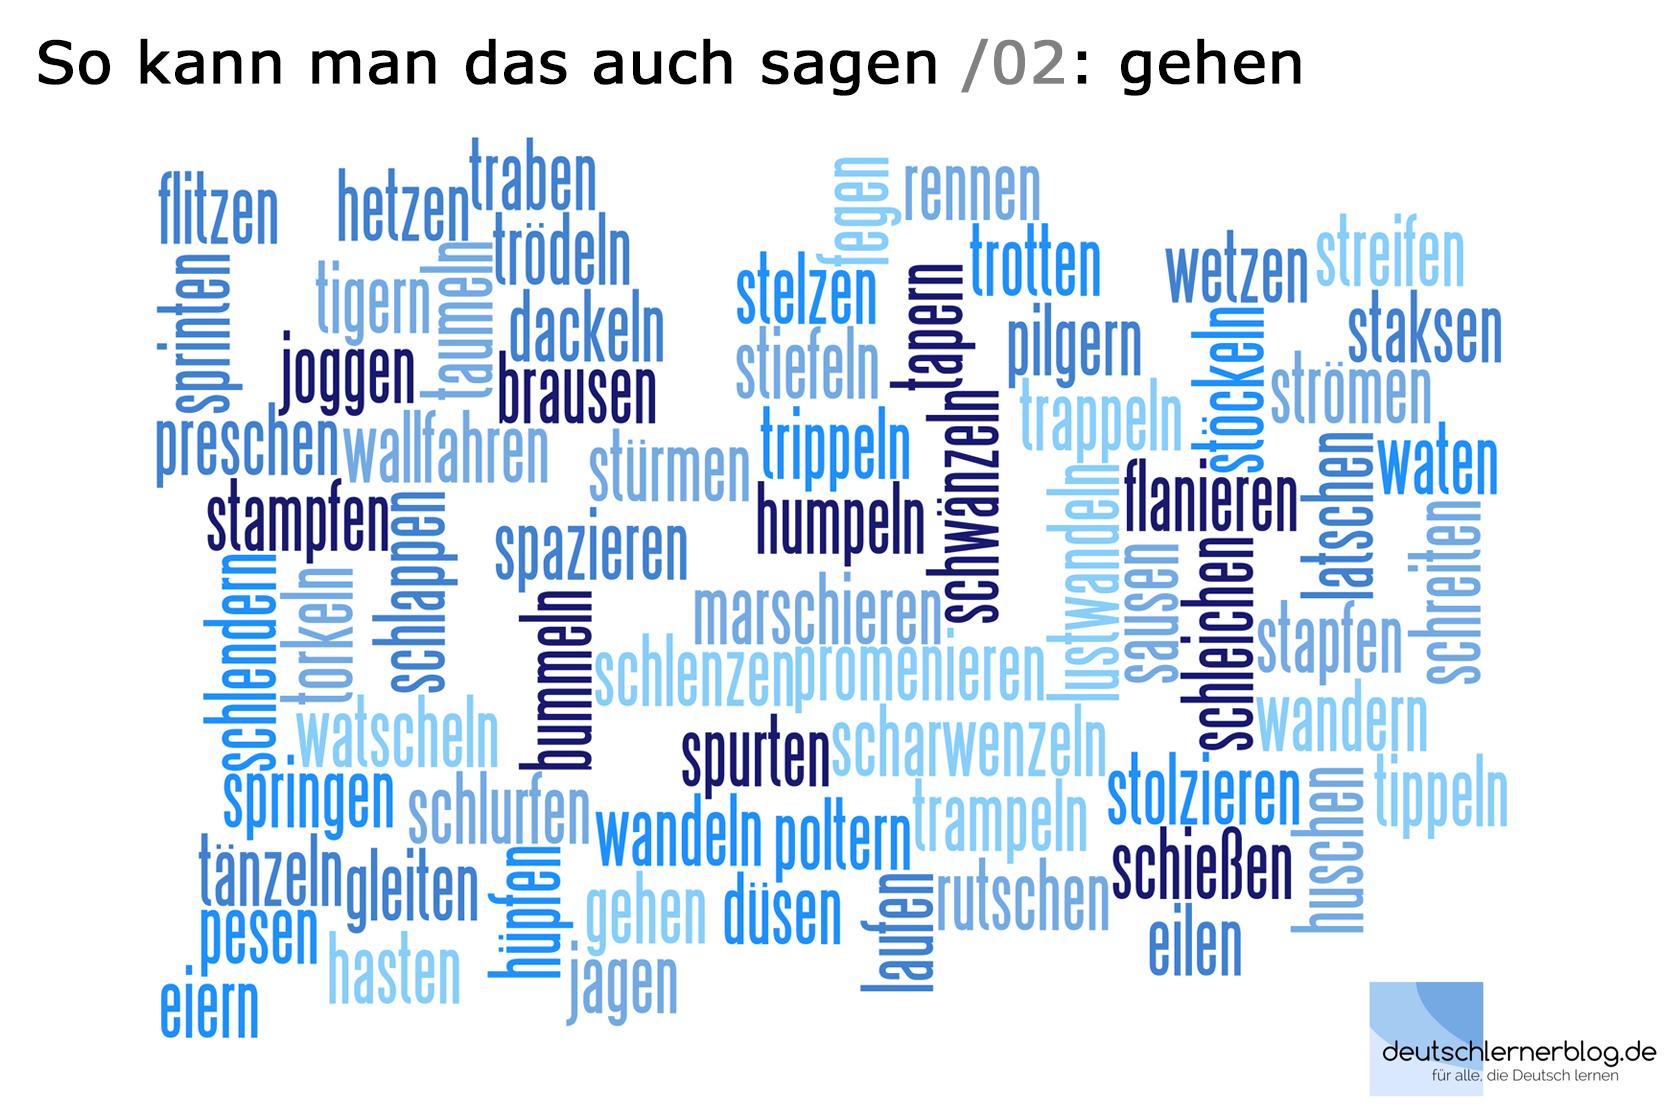 So_kann_man_das_auch_sagen_02_gehen_deutschlernerblog